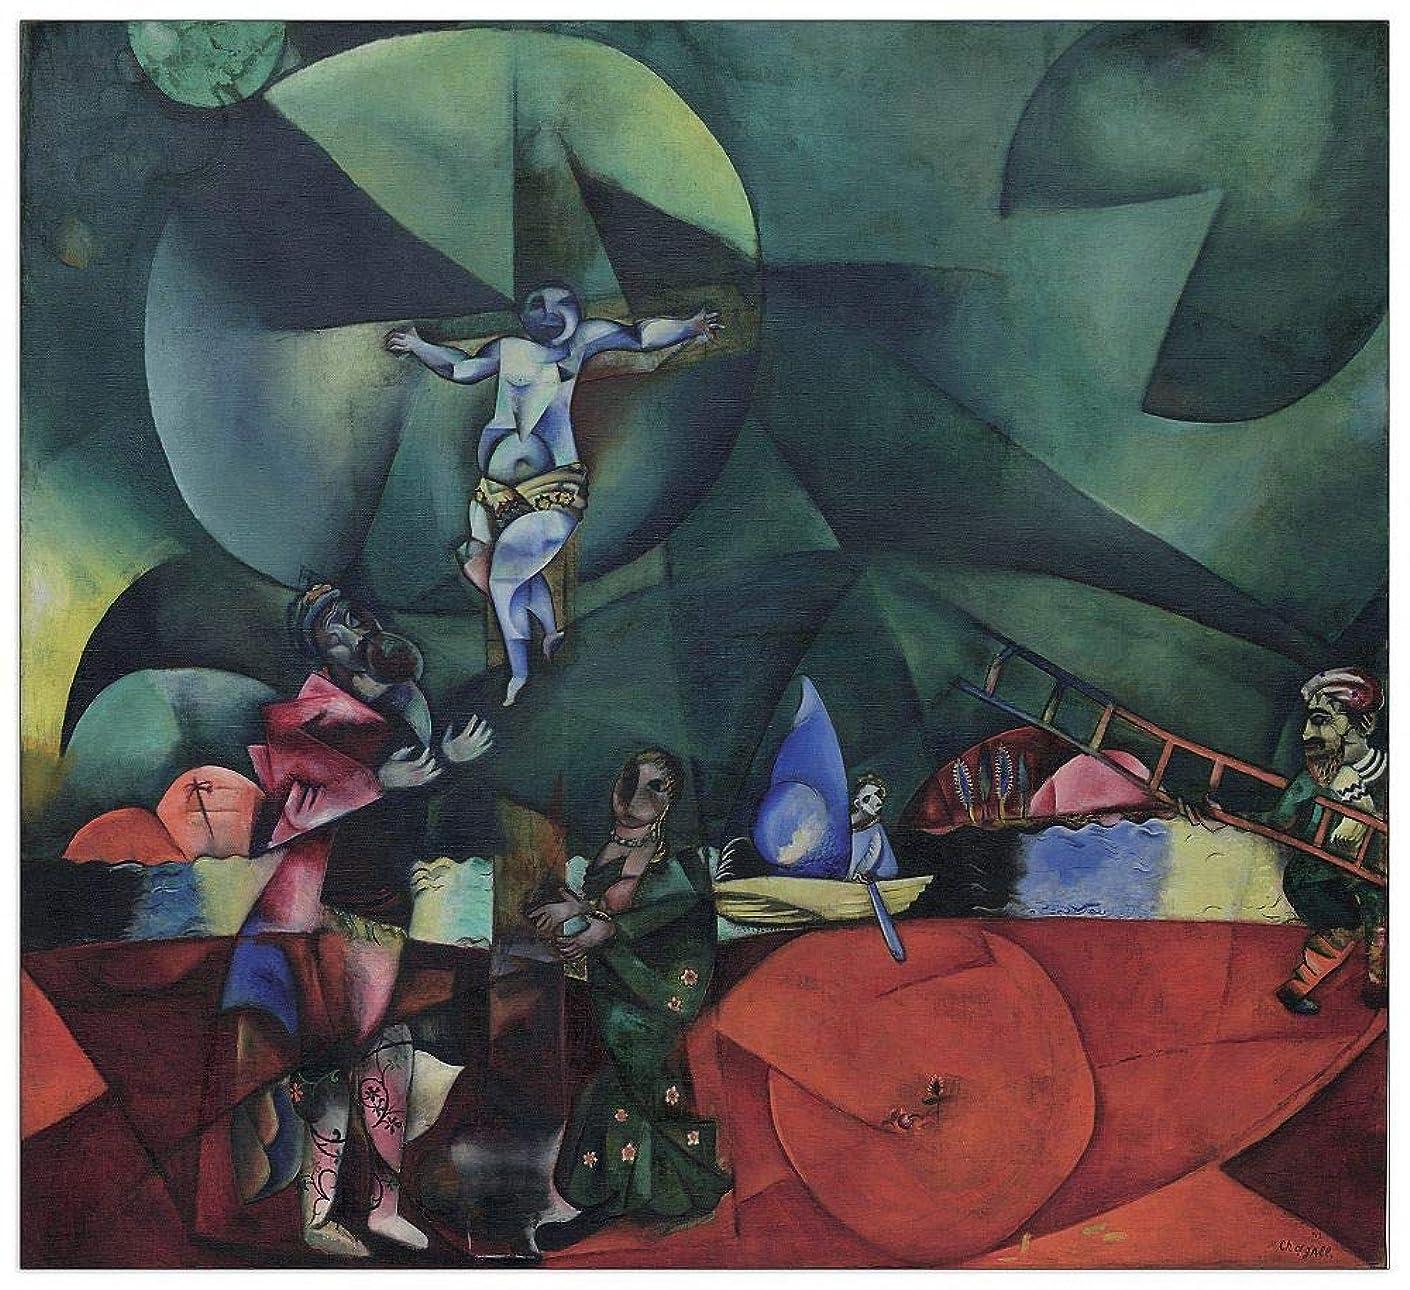 Artopweb TW21630 Decorative Panel 23.5x21.5 Inch Multicolored